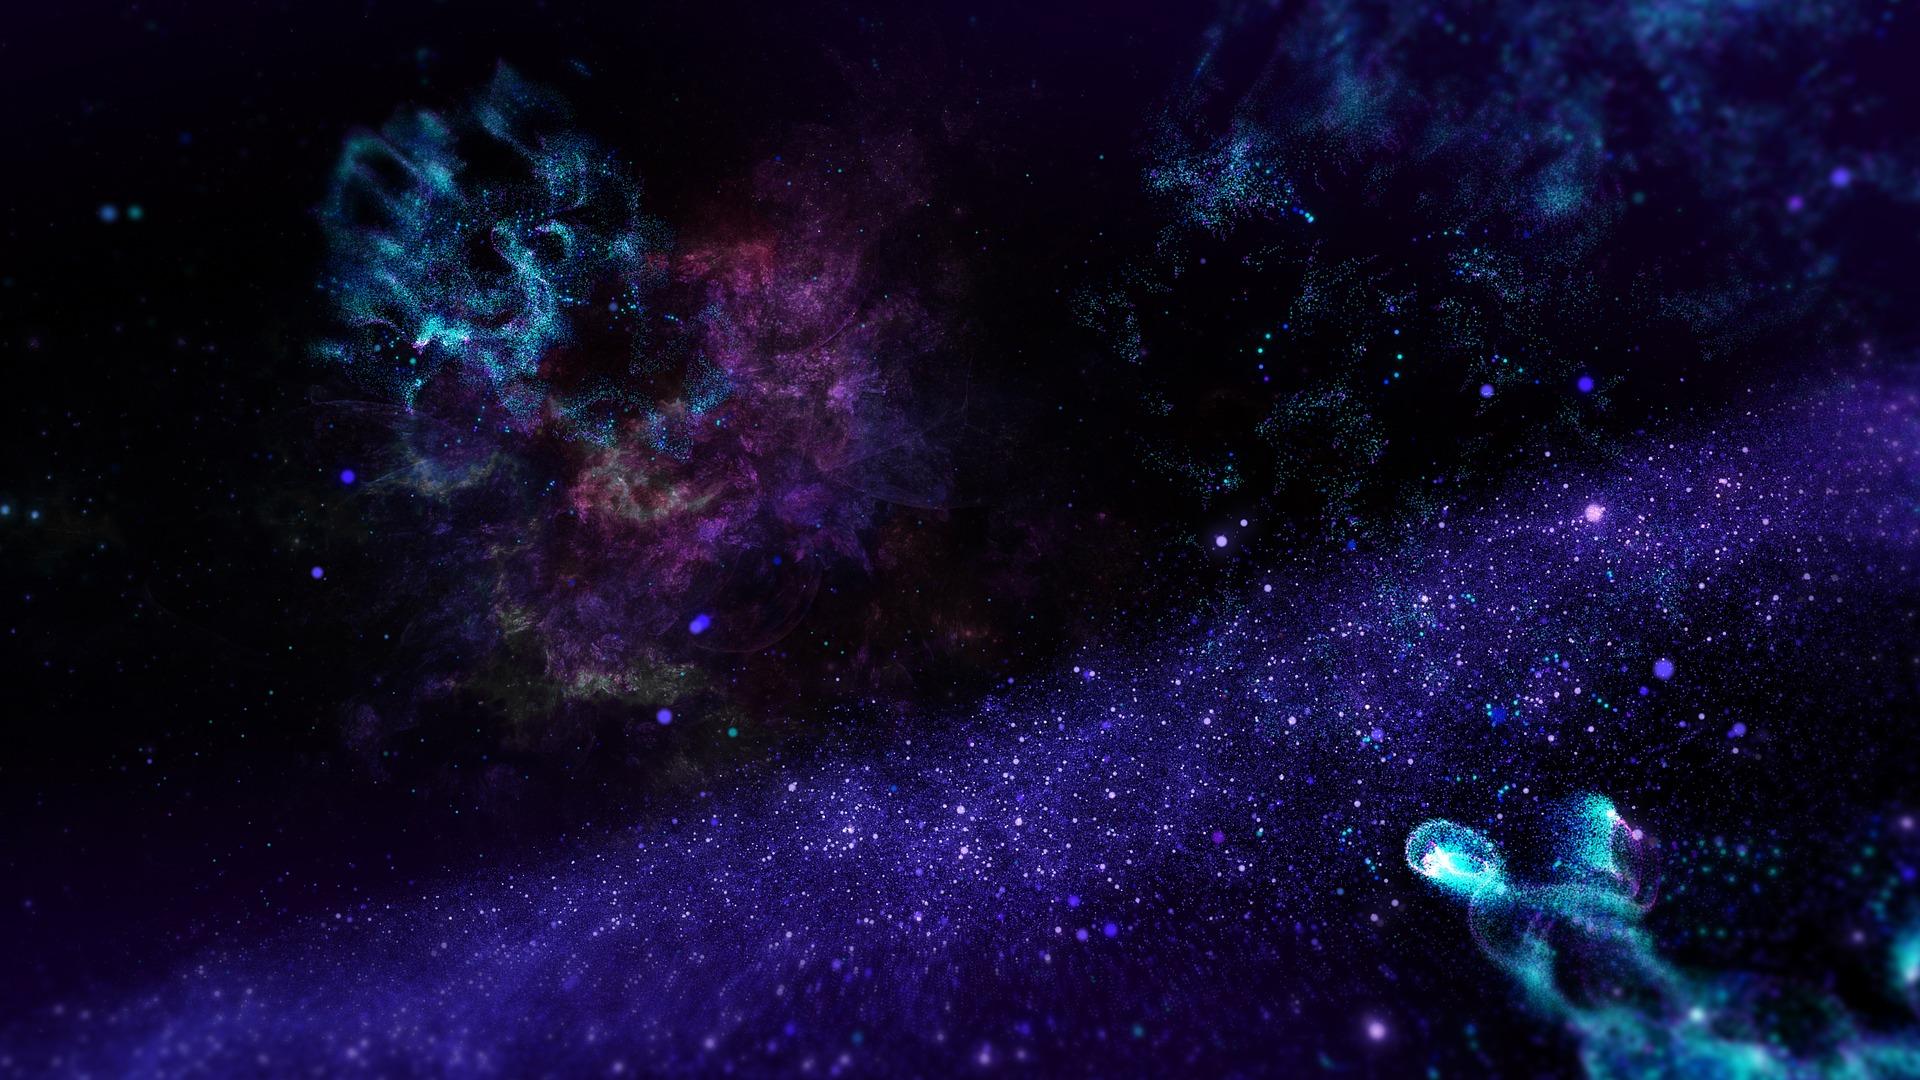 Messgenauigkeit hundert mal höher als zuvor: Entschlüsseln Forscher endlich das Geheimnis der dunklen Materie?